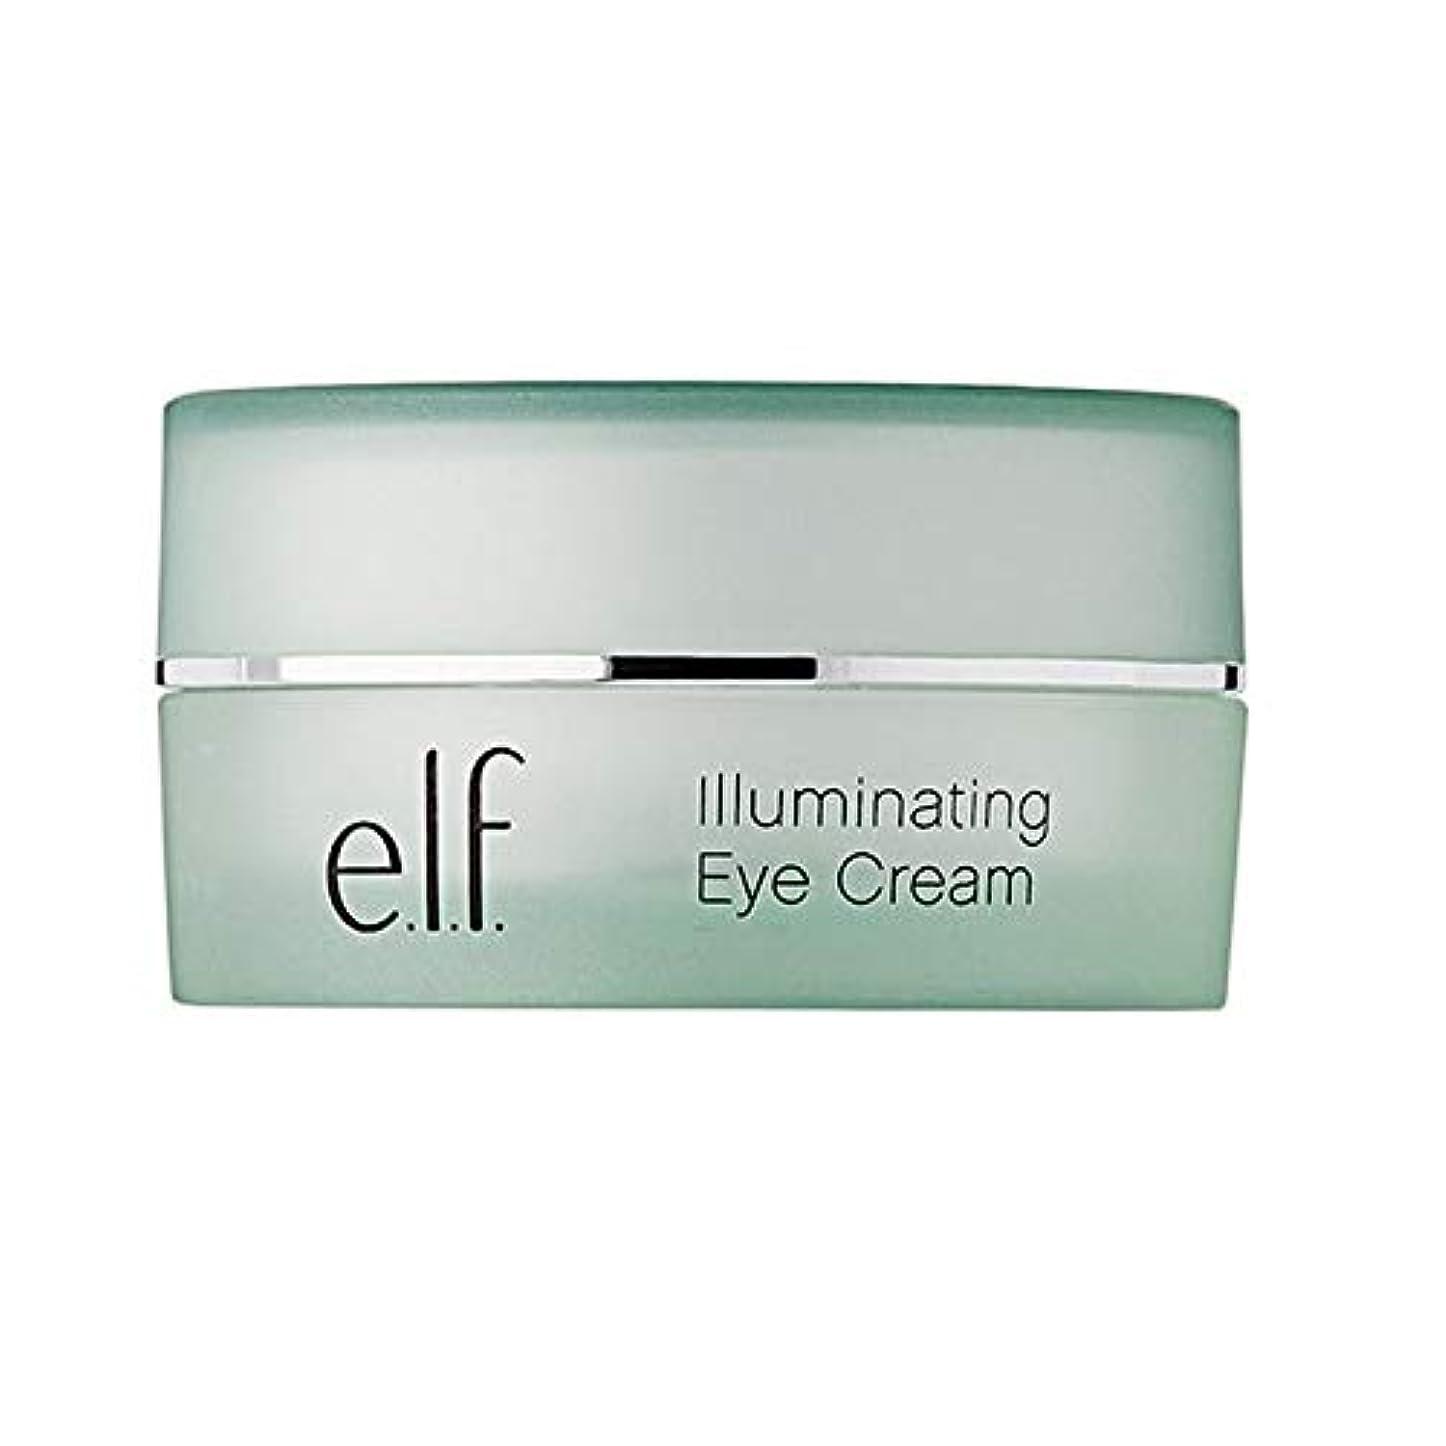 砂のモチーフ不注意[Elf] エルフ。照明アイクリーム14グラム - e.l.f. Illuminating Eye Cream 14g [並行輸入品]